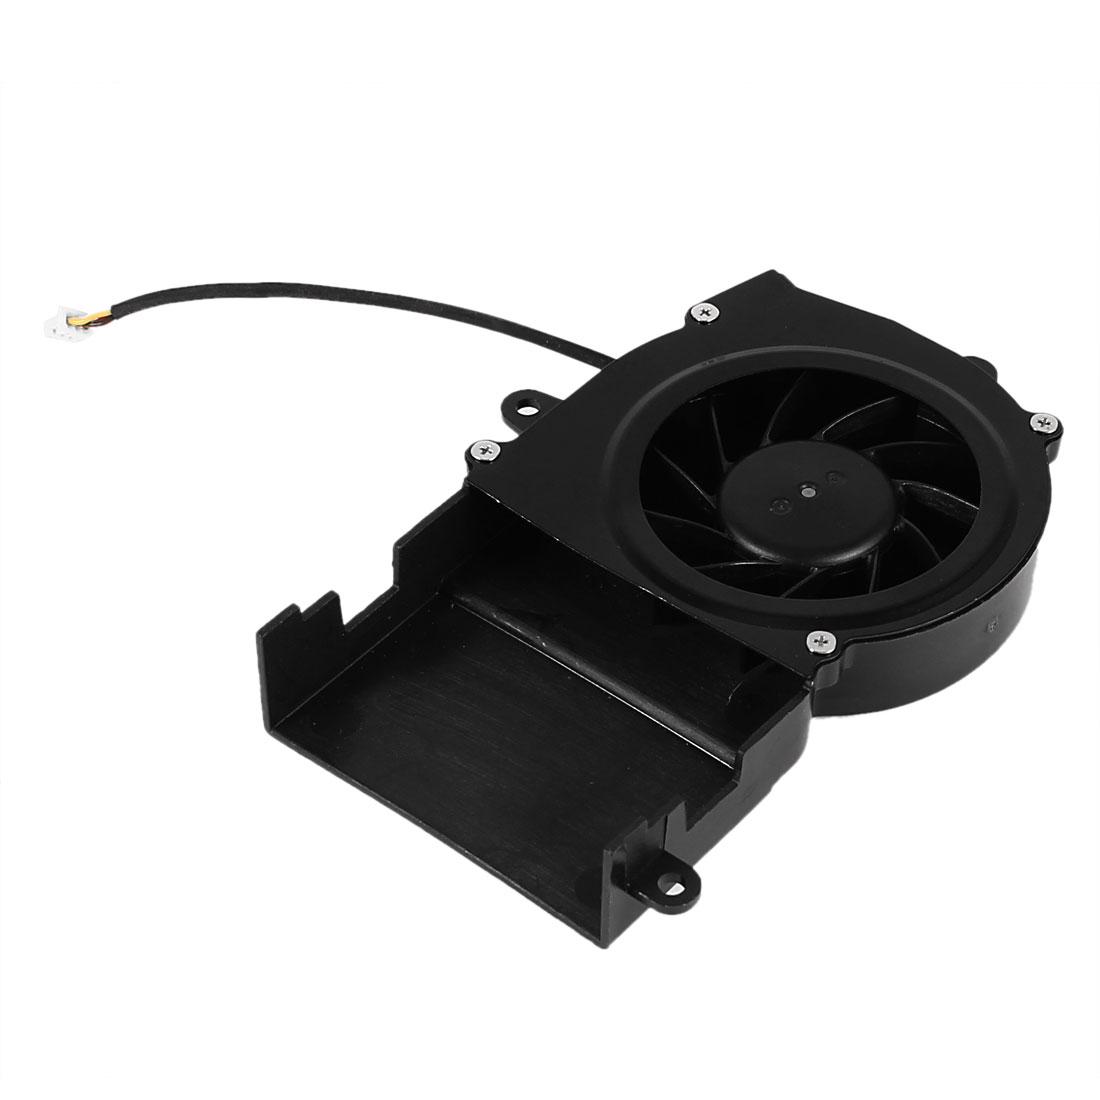 BS5005MB11-I DC 5V 0.3A 3 Wires Brushless Laptop Case Cooling Fan Cooler Black